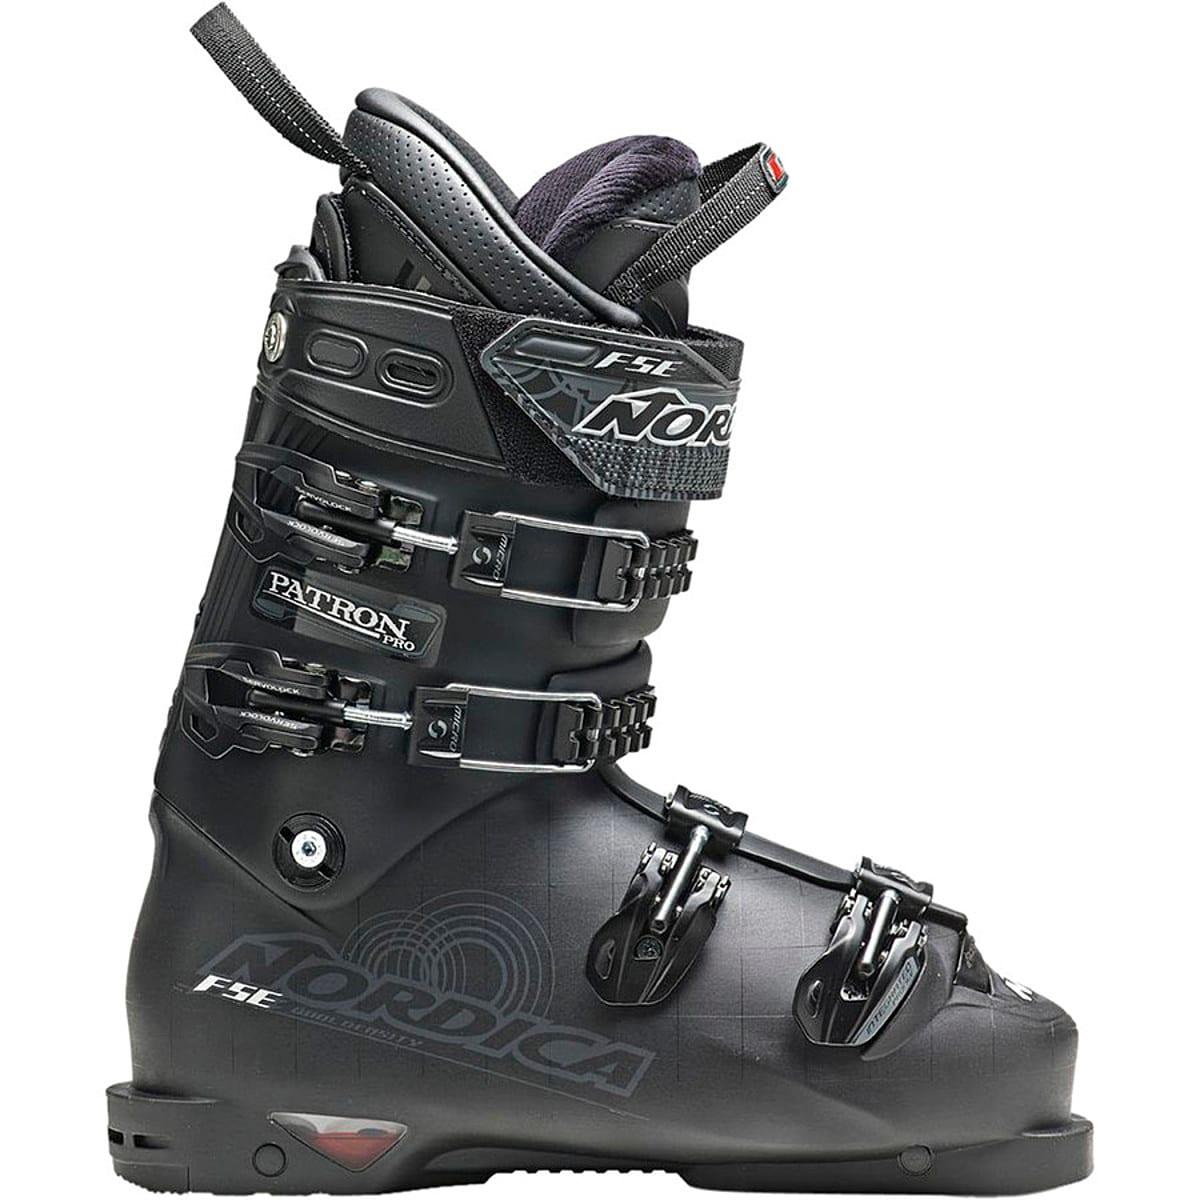 Nordica Patron Pro Ski Boot